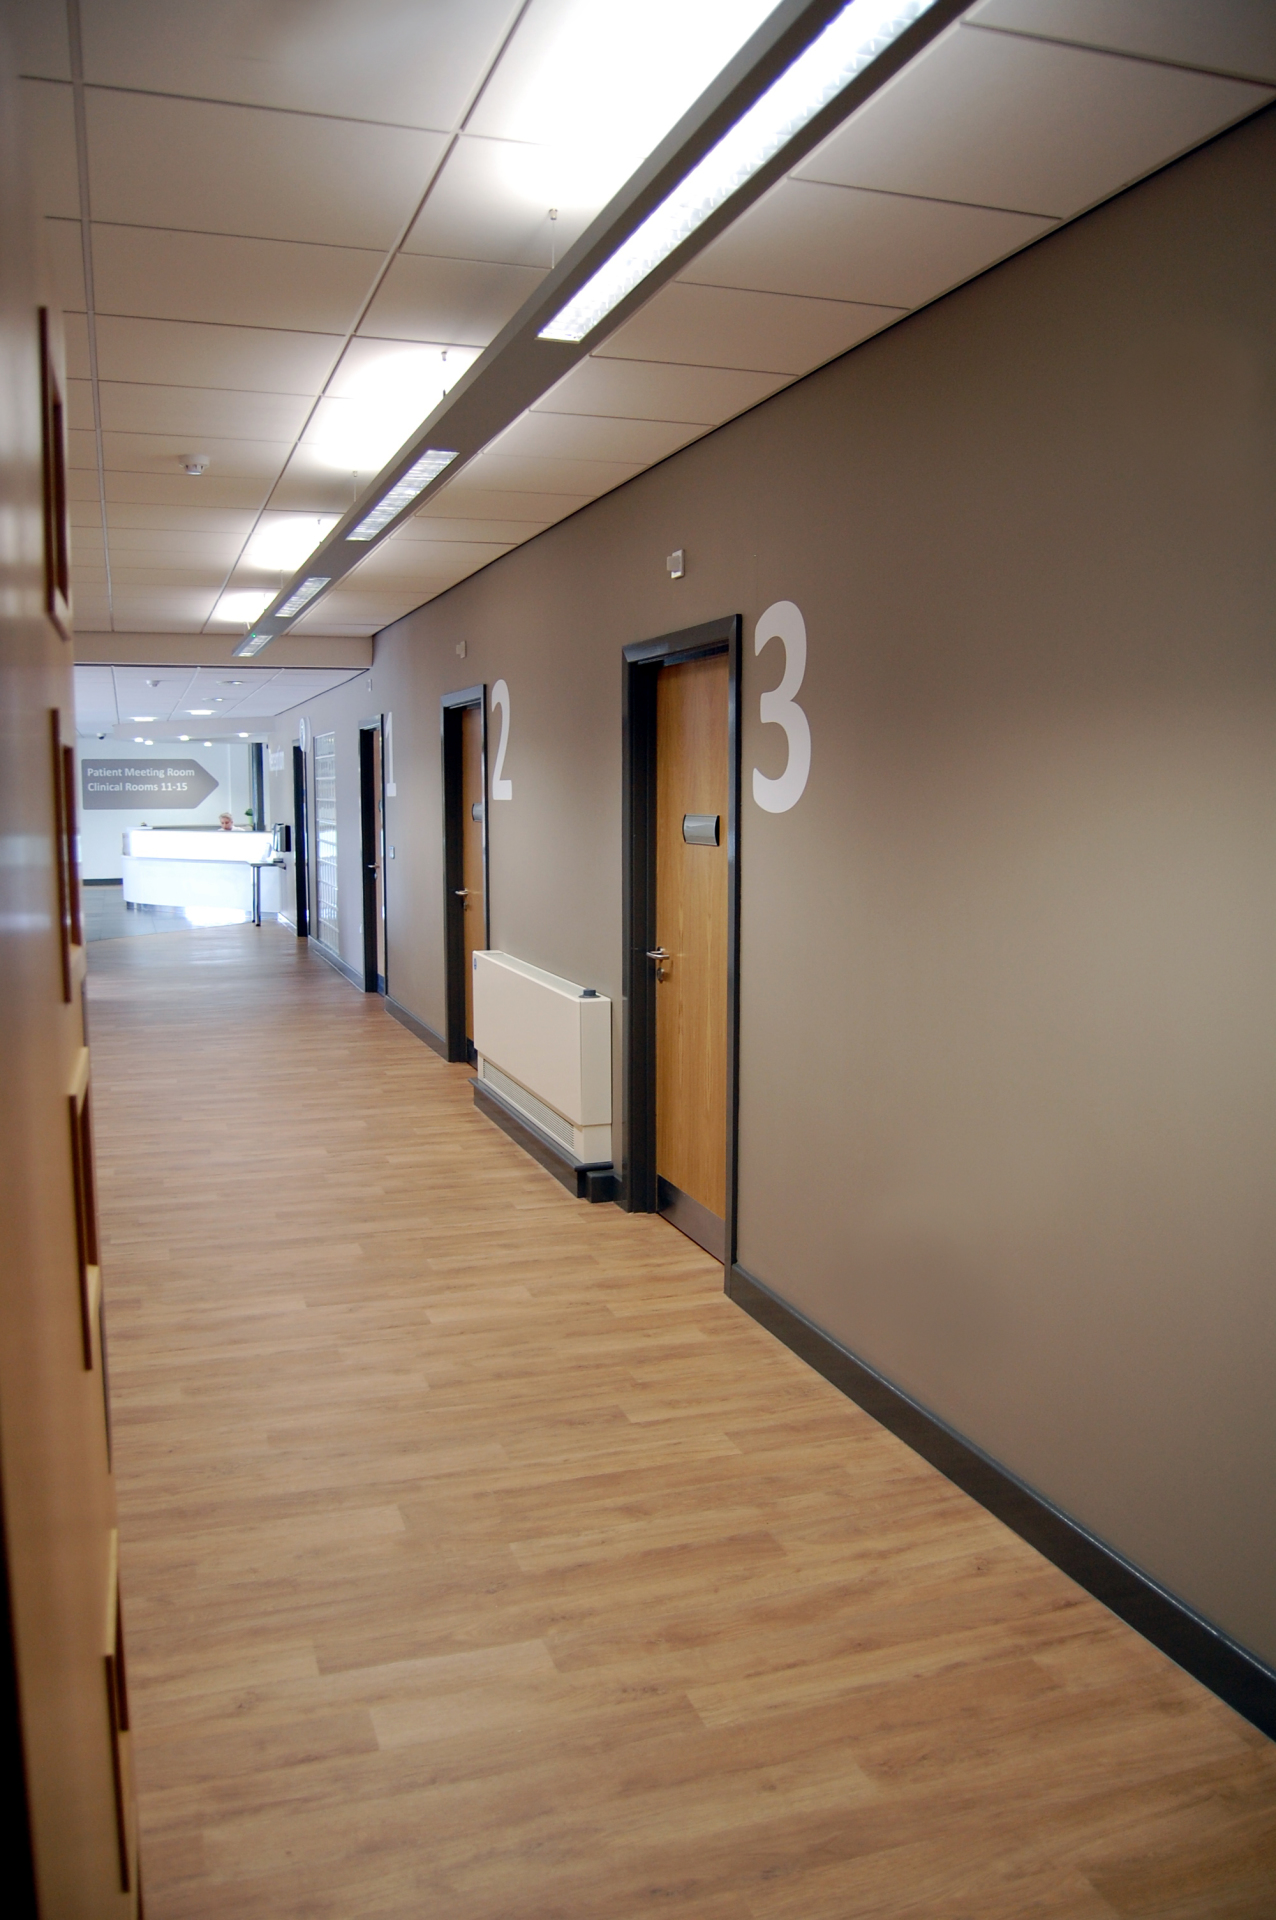 Chellaston Medical Centre